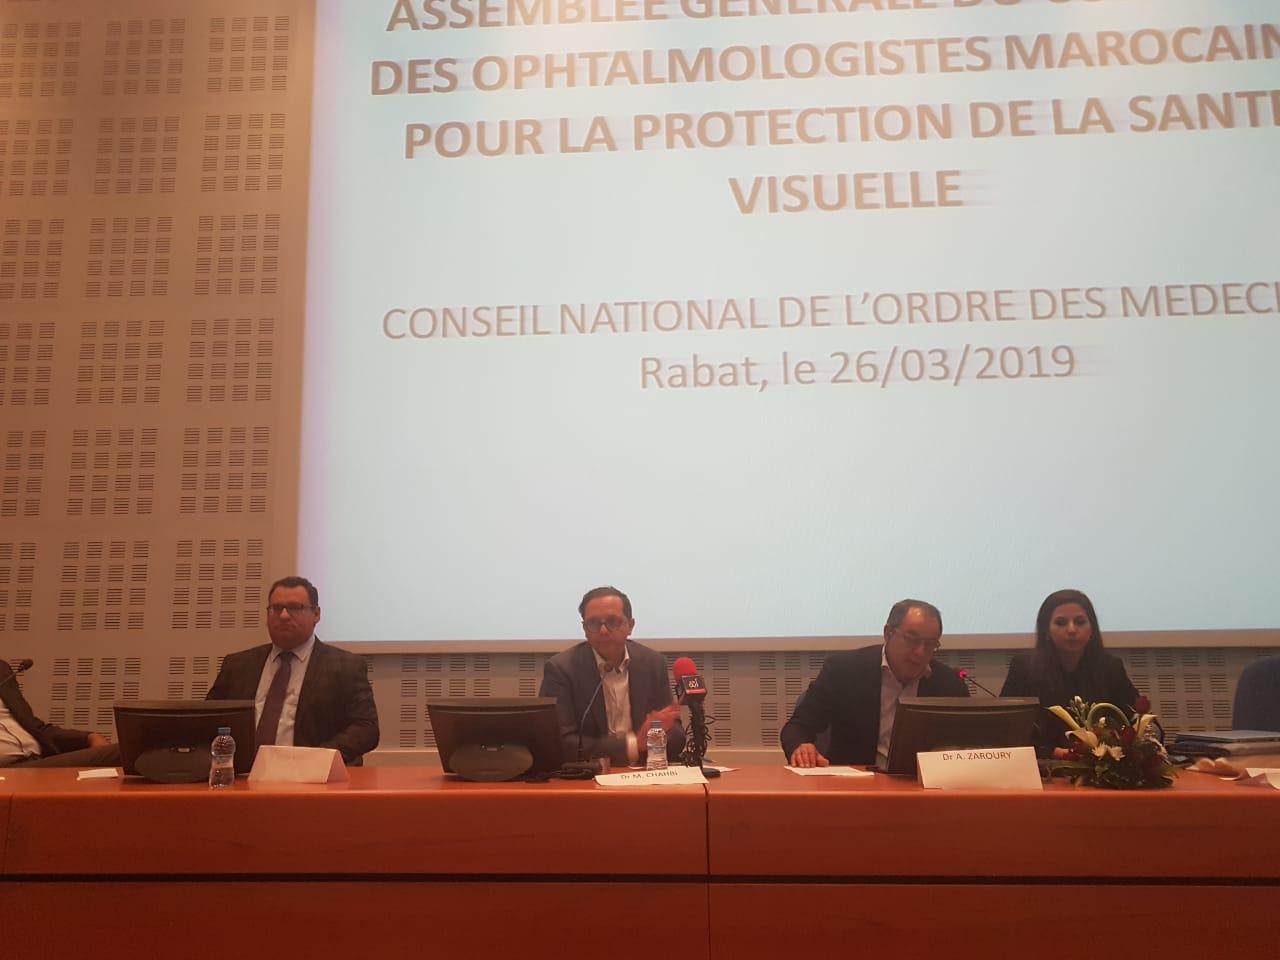 أطباء العيون يعلنون عن خوض 6 إضرابات خلال شهر أبريل ومقاطعة الحملات الطببة